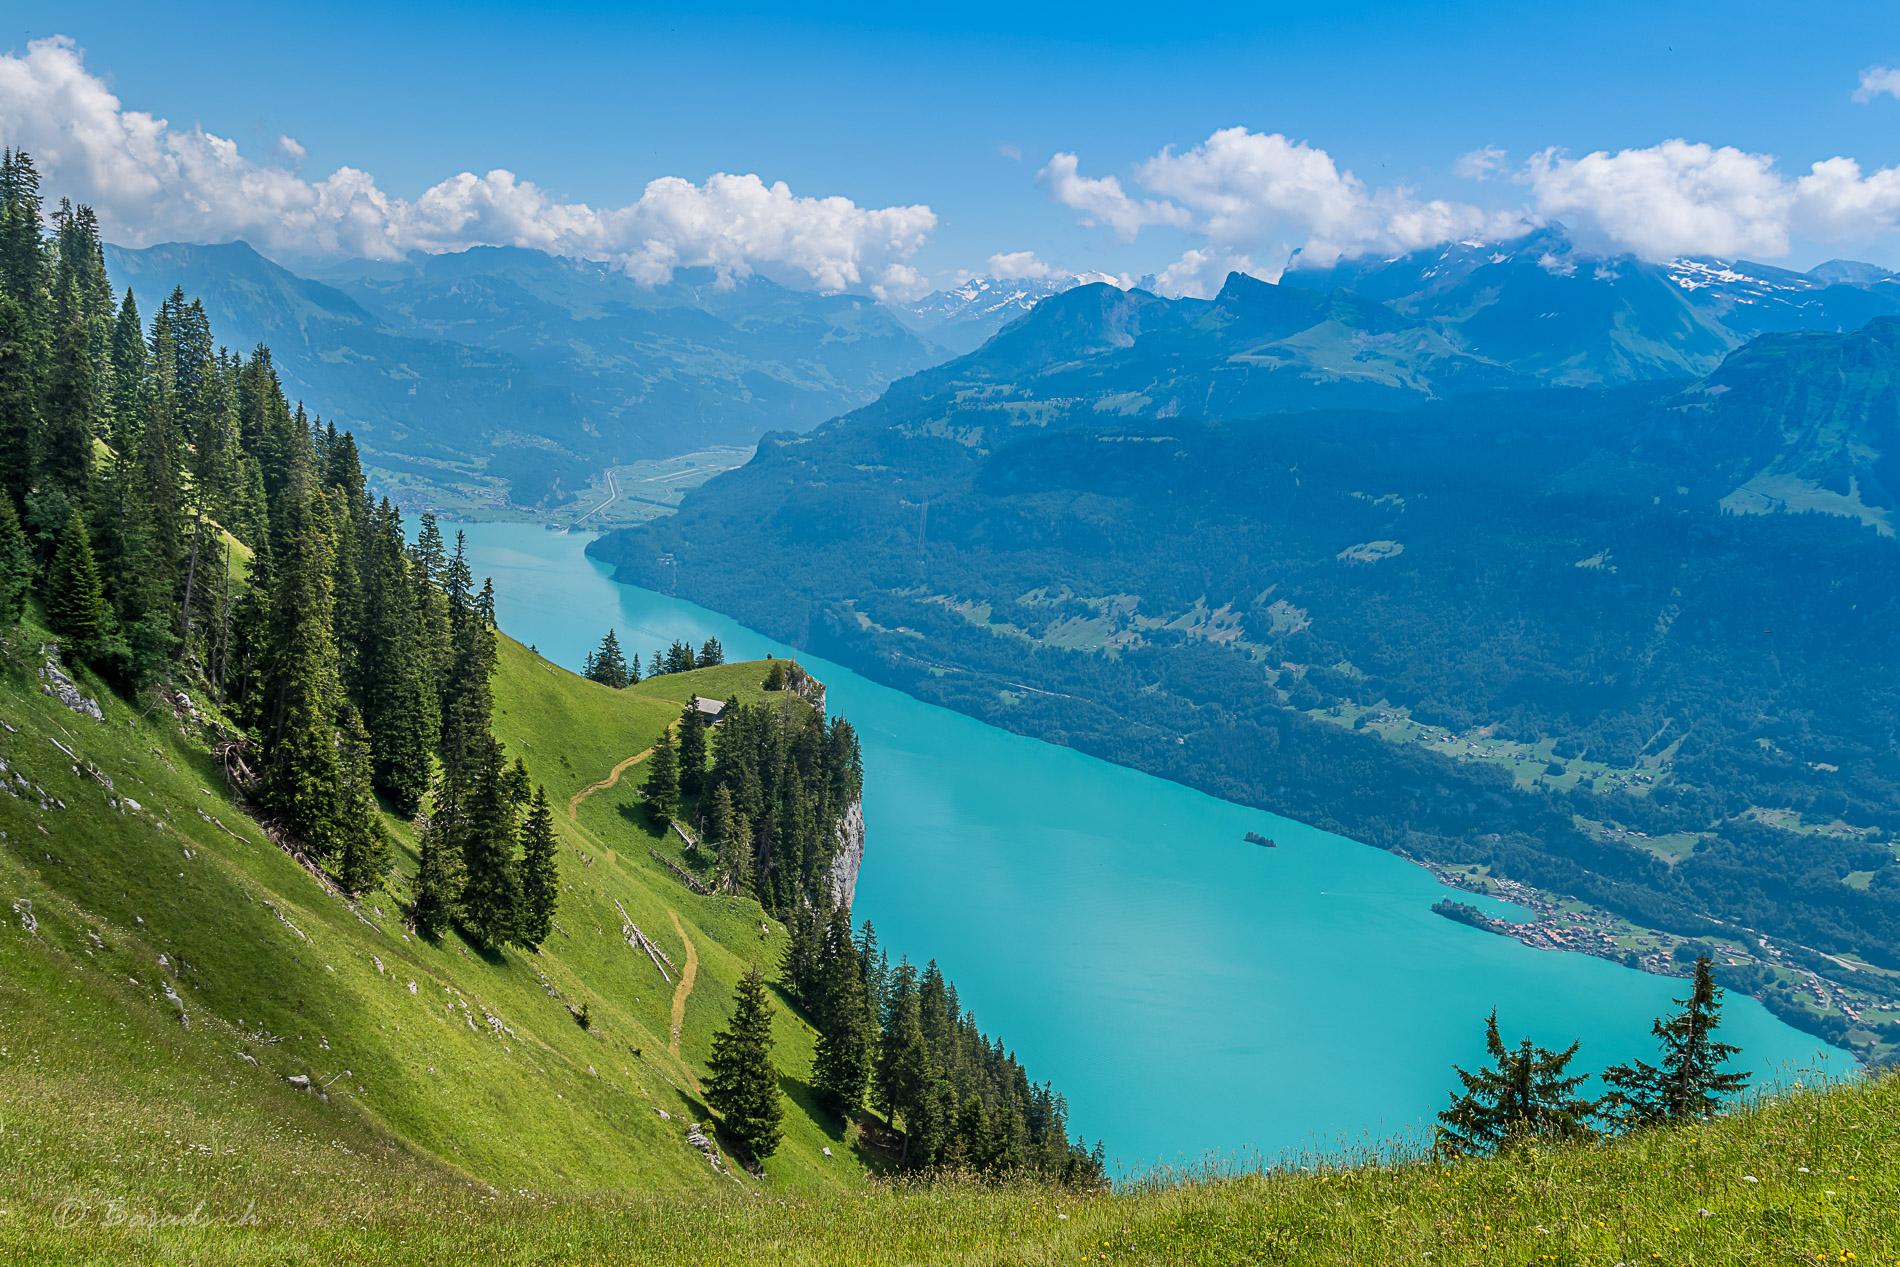 Brienzergrat – Spektakuläre Wanderung in den Berner Alpen: Habkern, Alp Lombach, Augstmatthorn und nach Harder Kulm